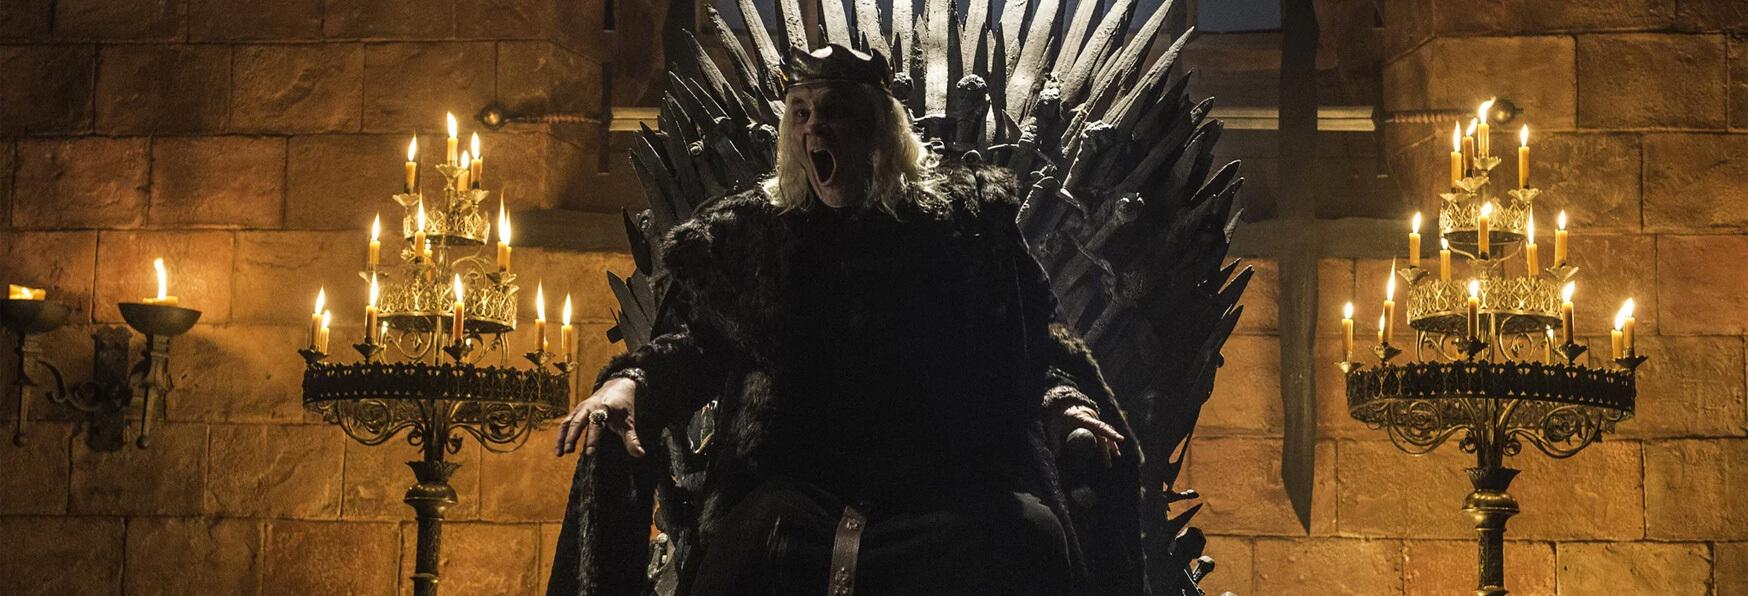 Brace yourself, il Prequel di Game of Thrones sta arrivando